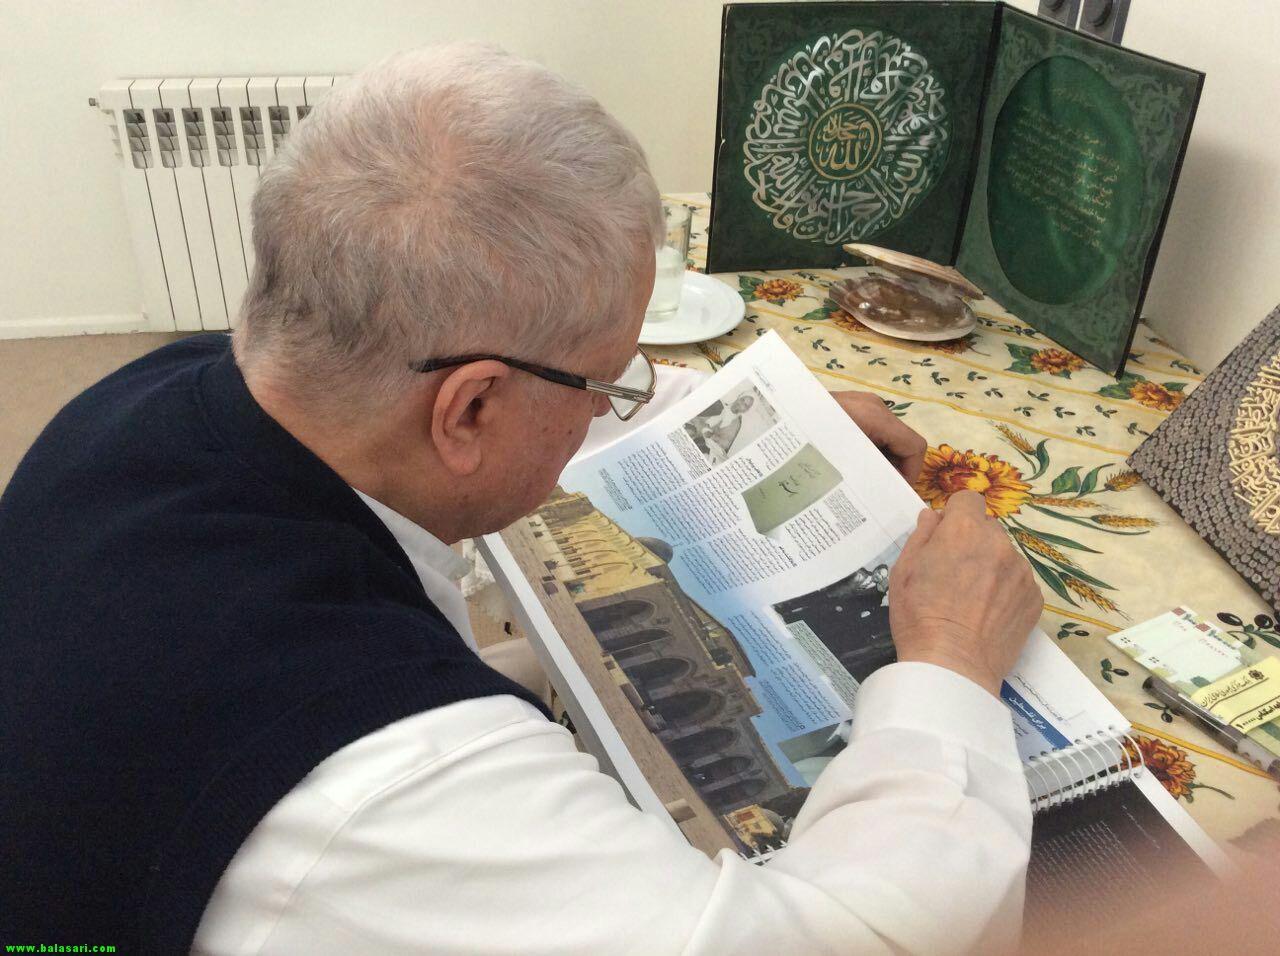 هاشمی رفسنجانی در تعطیلات چه کتابی می خواند؟ +عکس